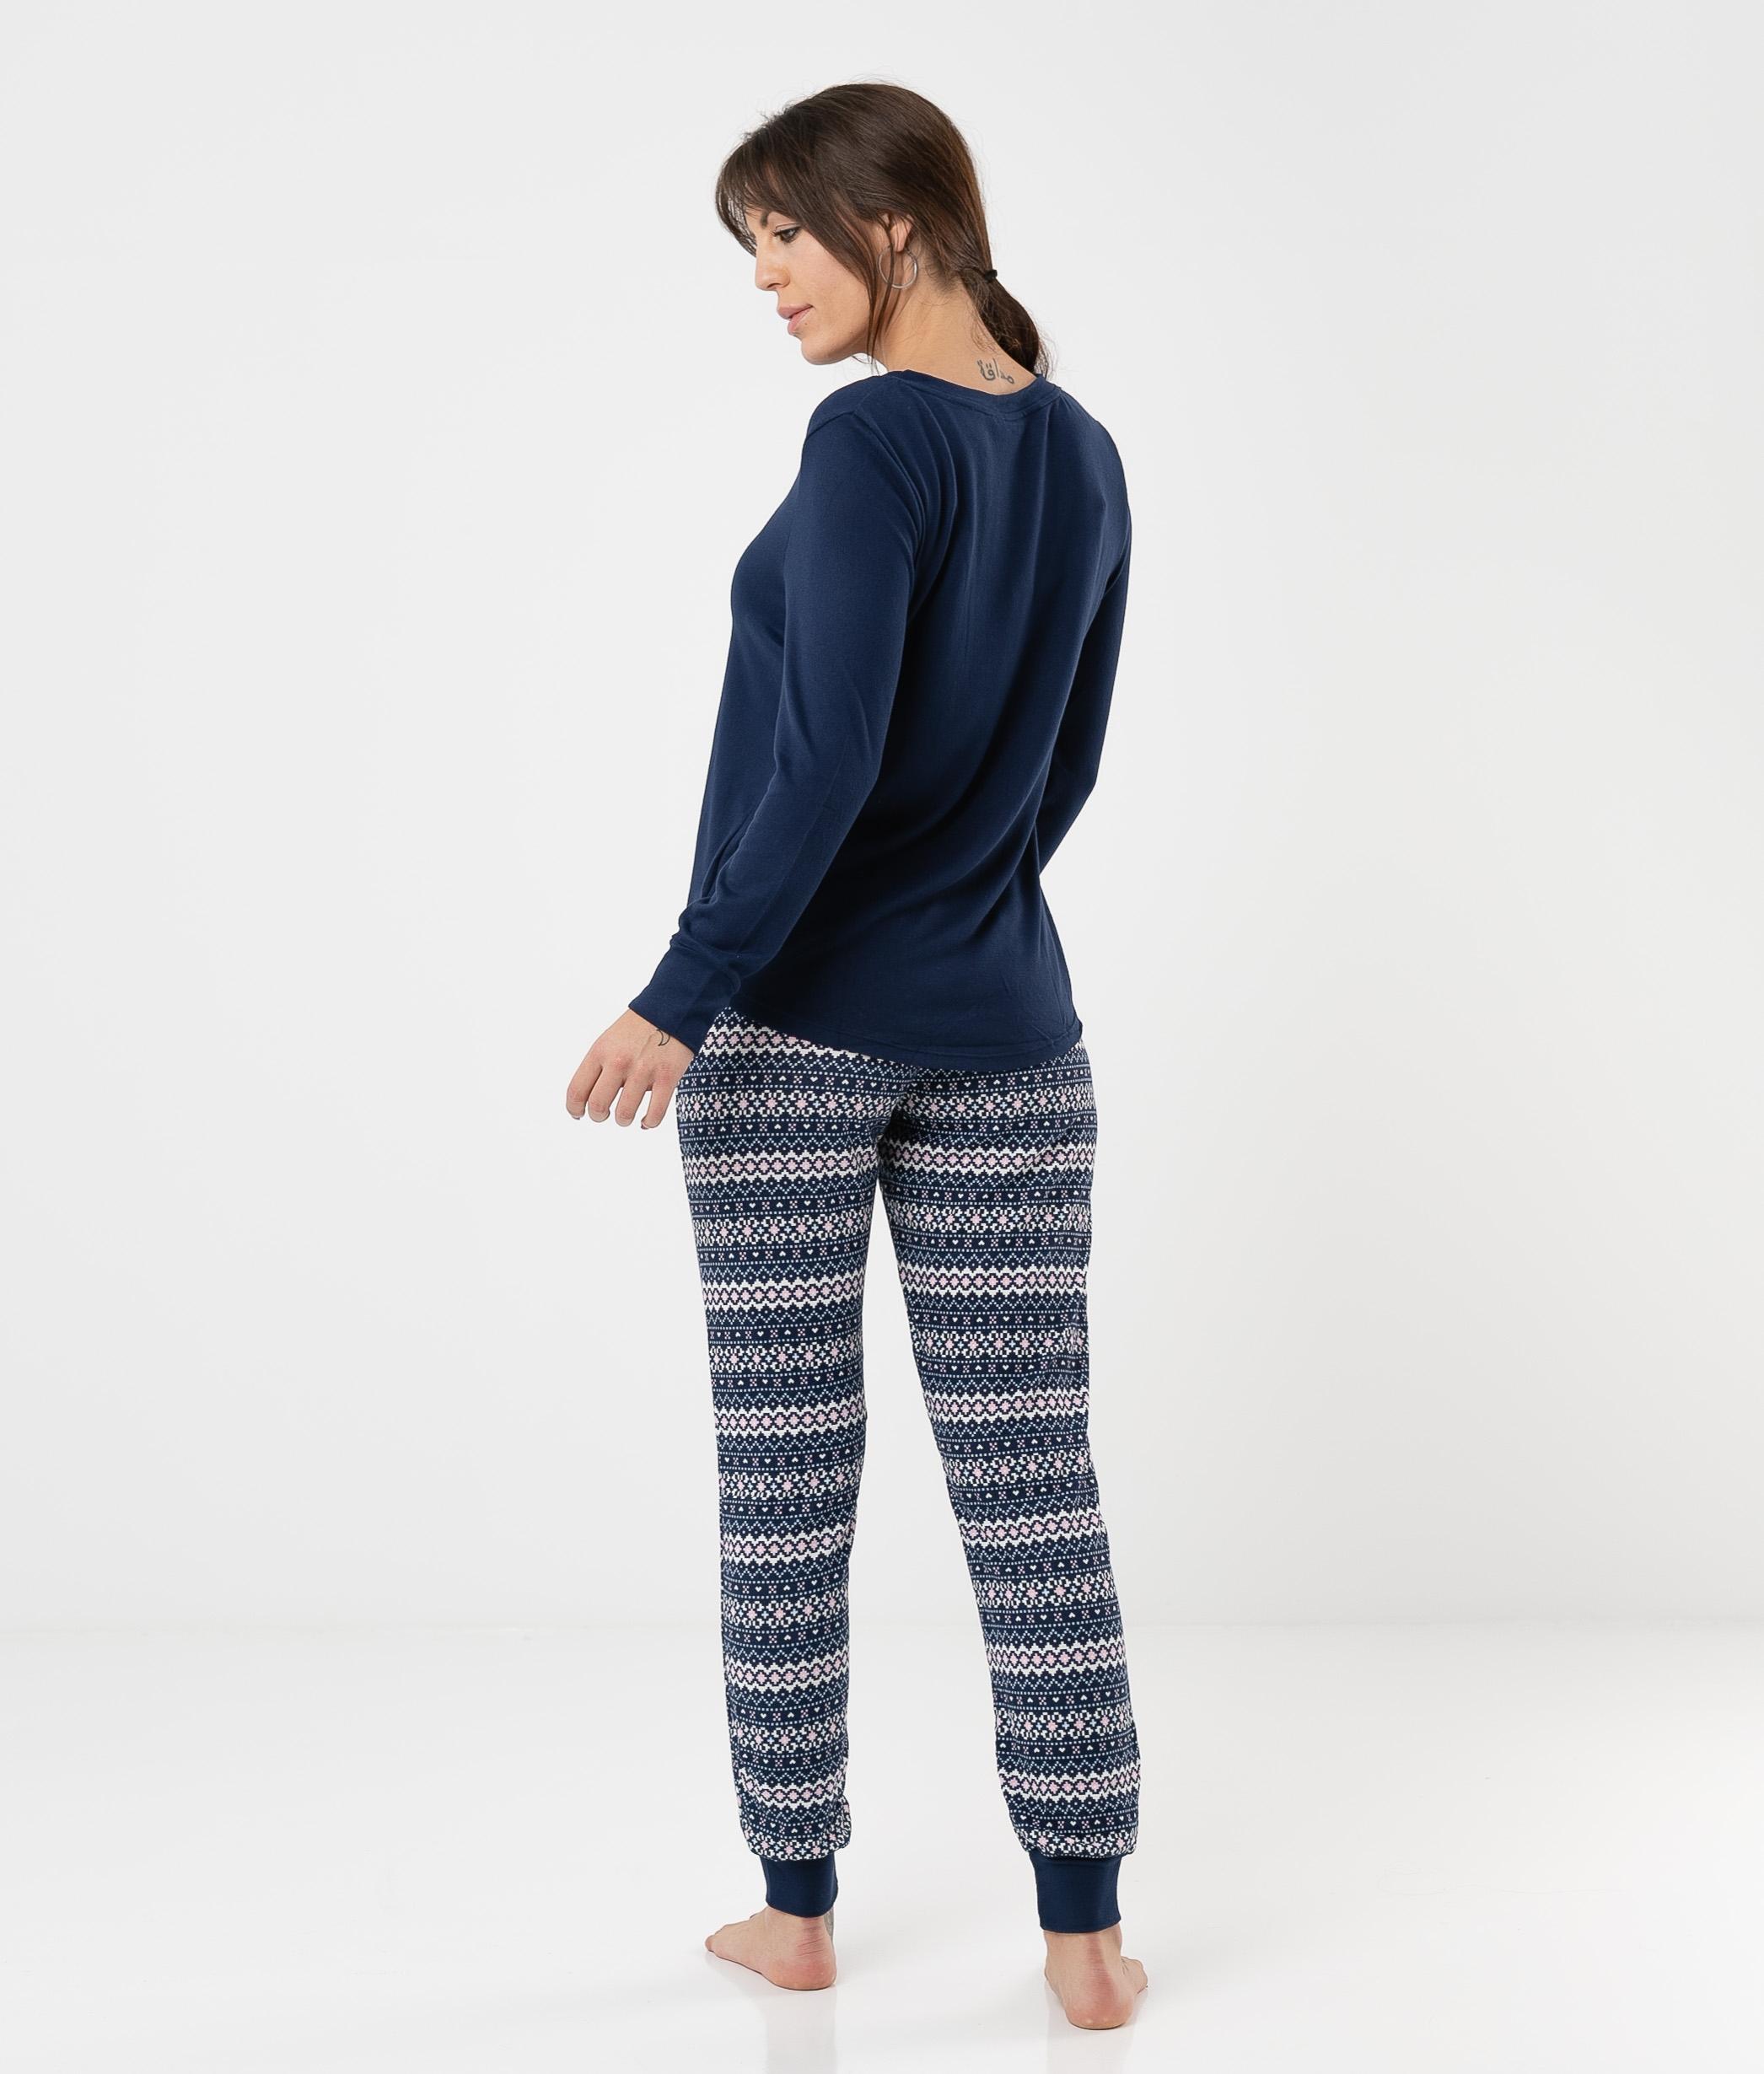 Pijama Luli - Azul